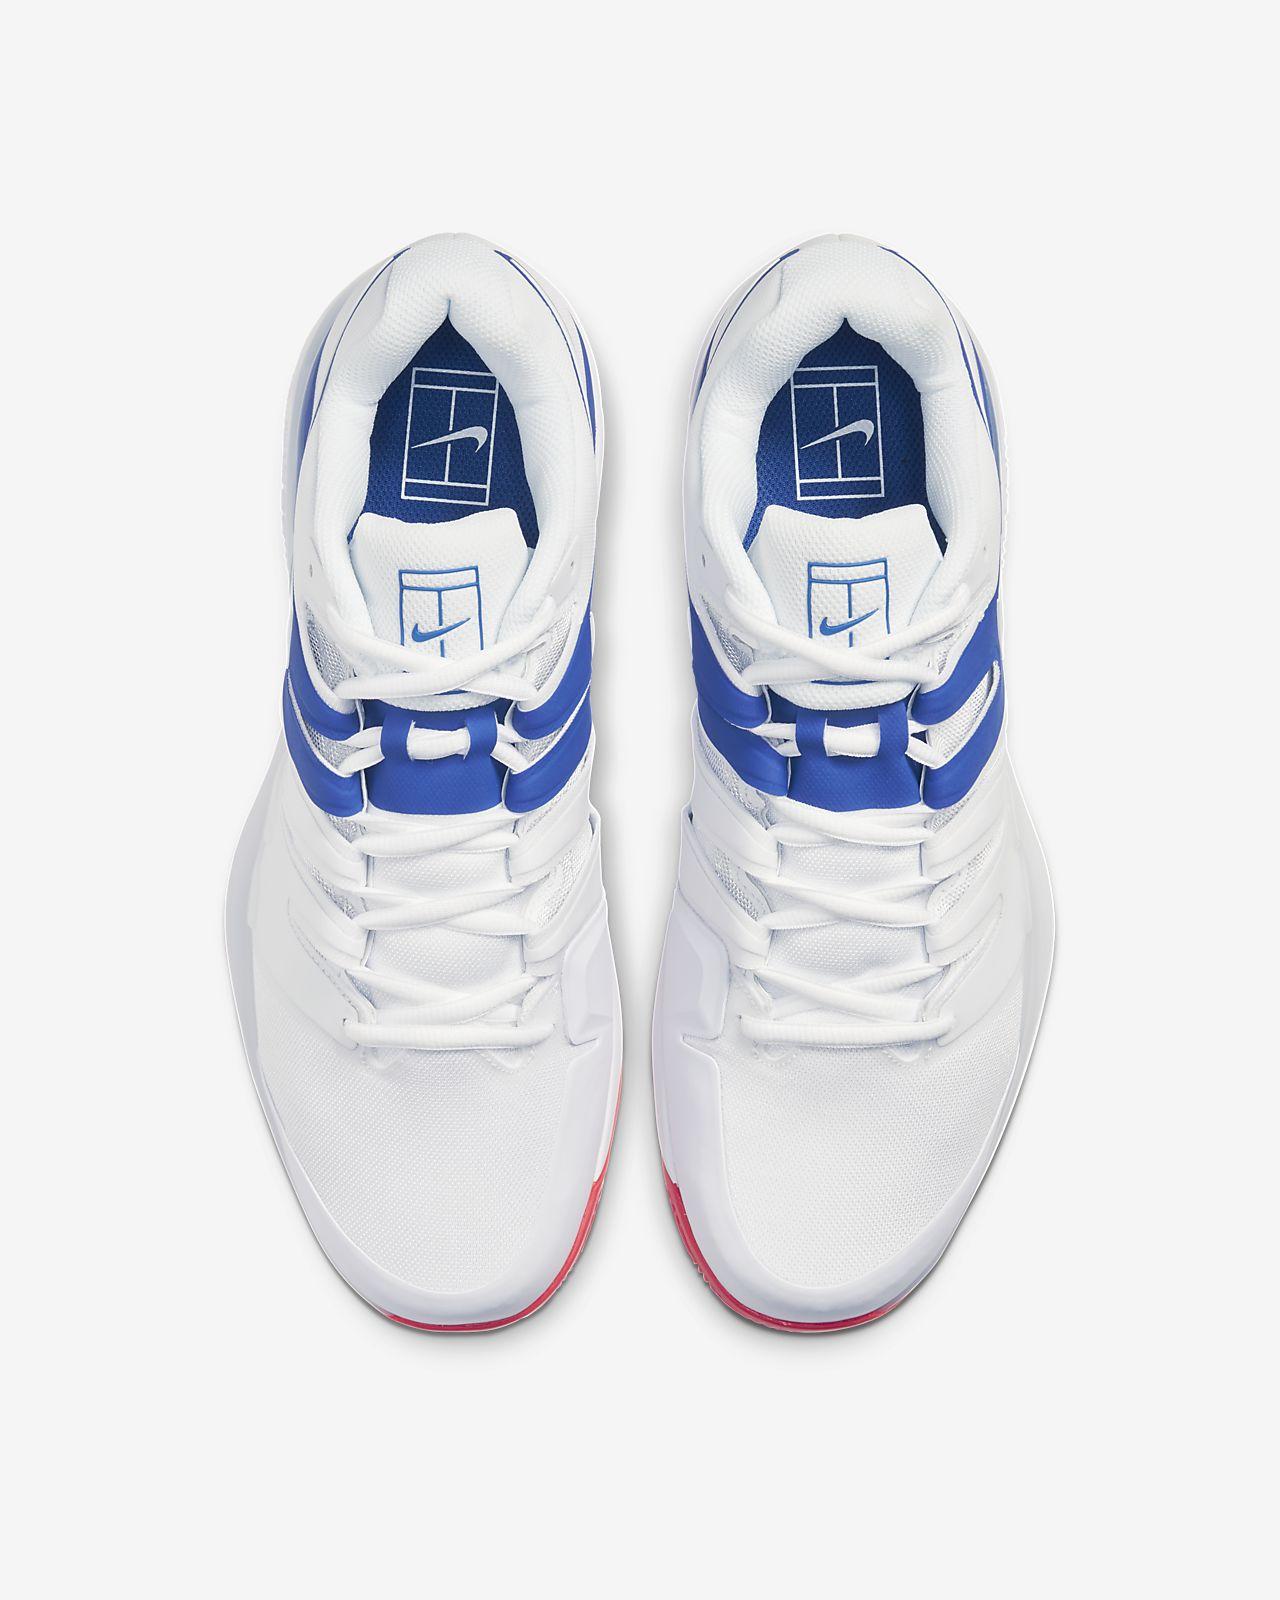 NikeCourt Air Zoom Vapor X Zapatillas de tenis para tierra batida Hombre